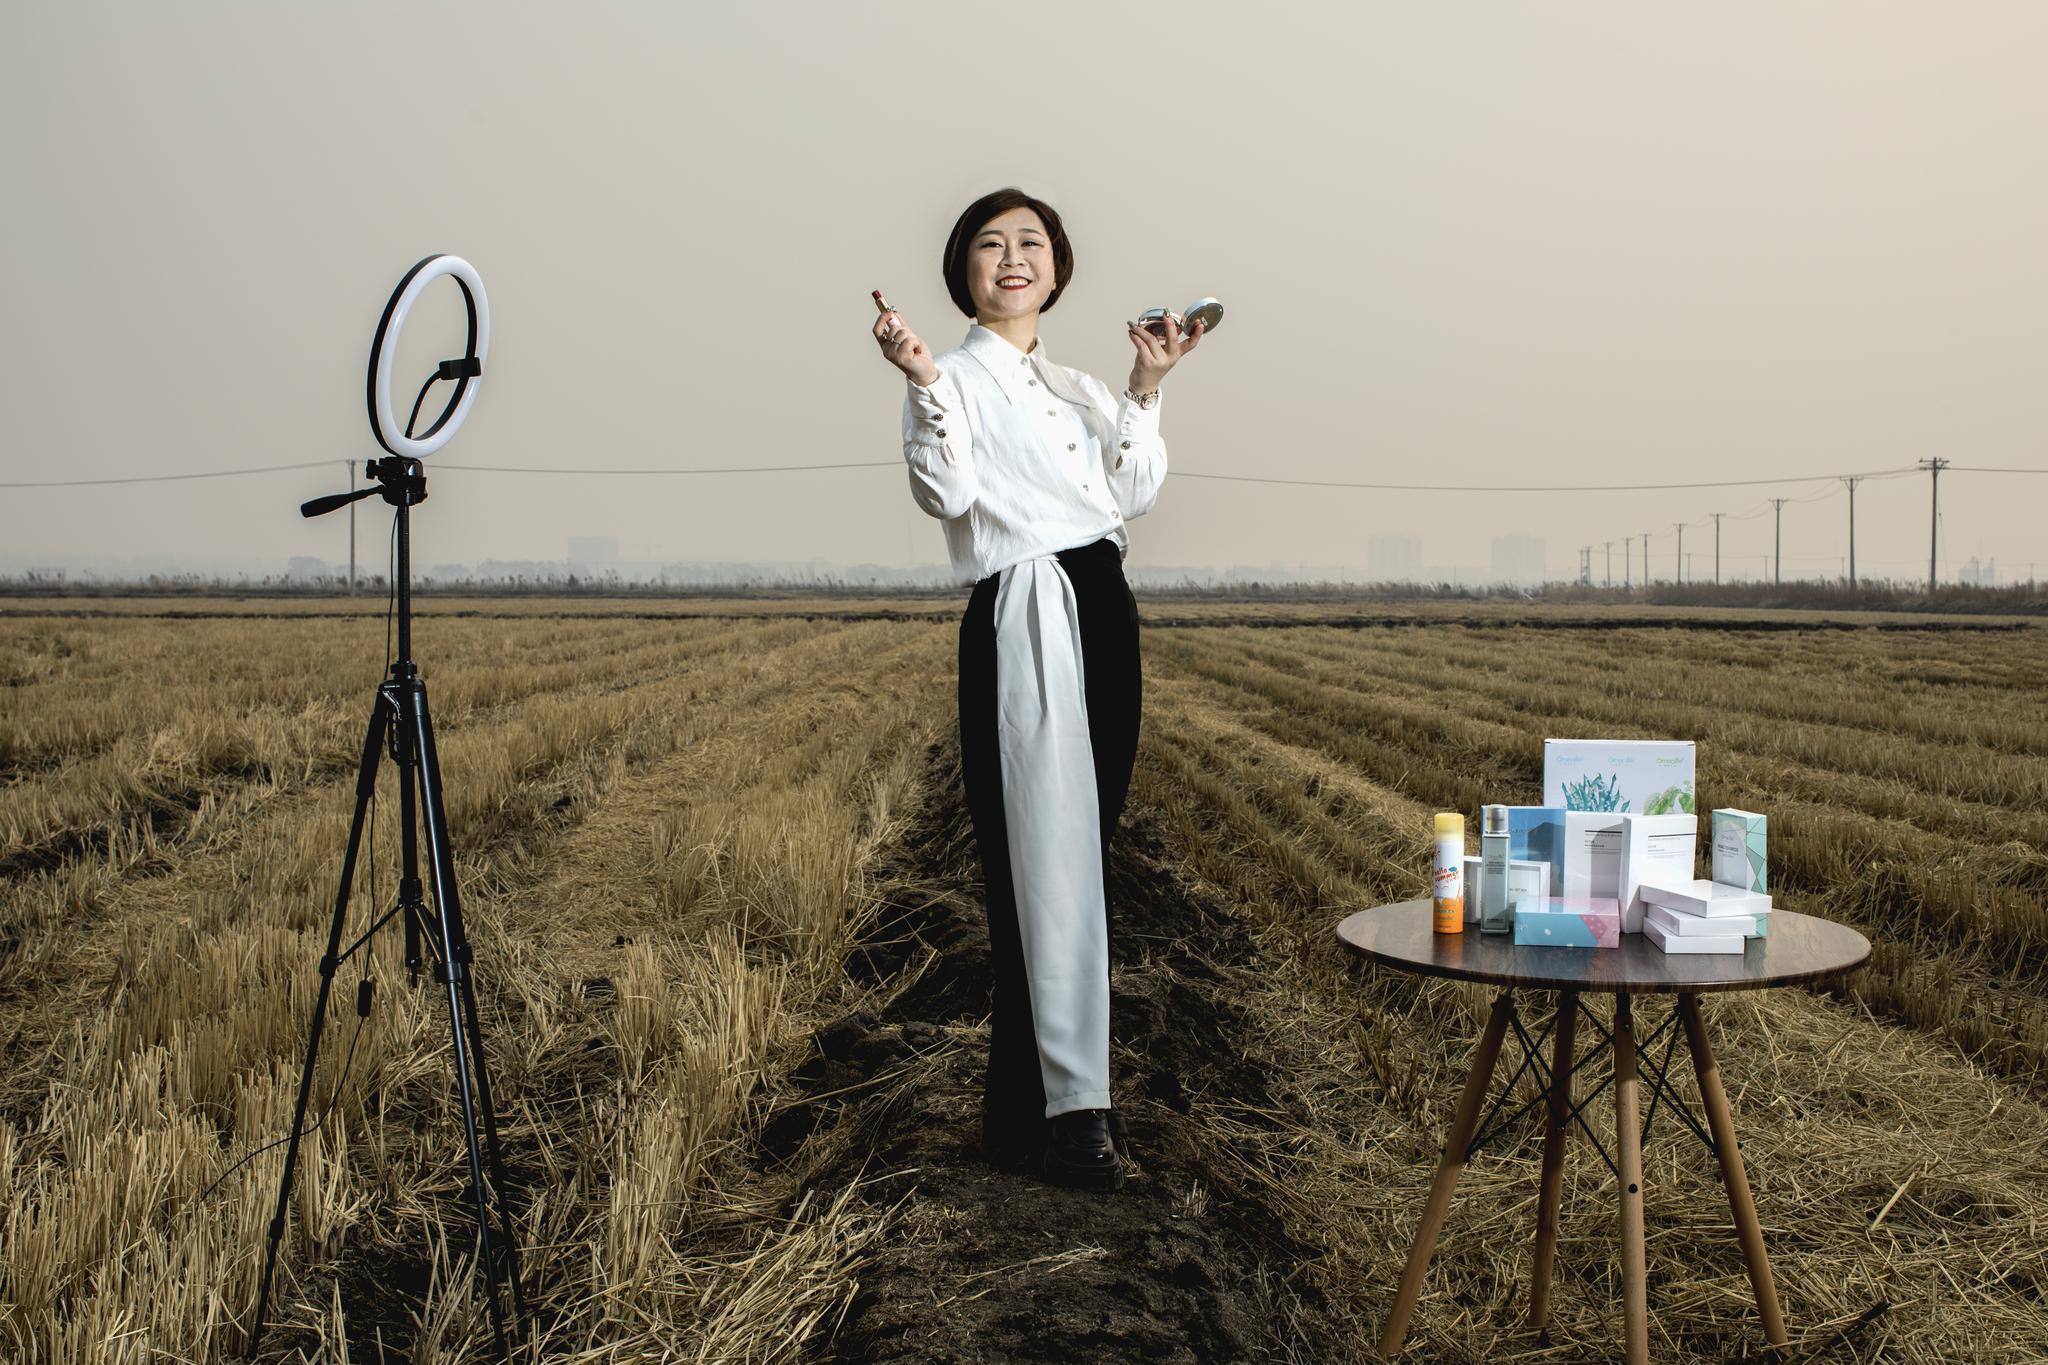 摄影师镜头中的农村妈妈:她们开始化妆,眼睛里有光